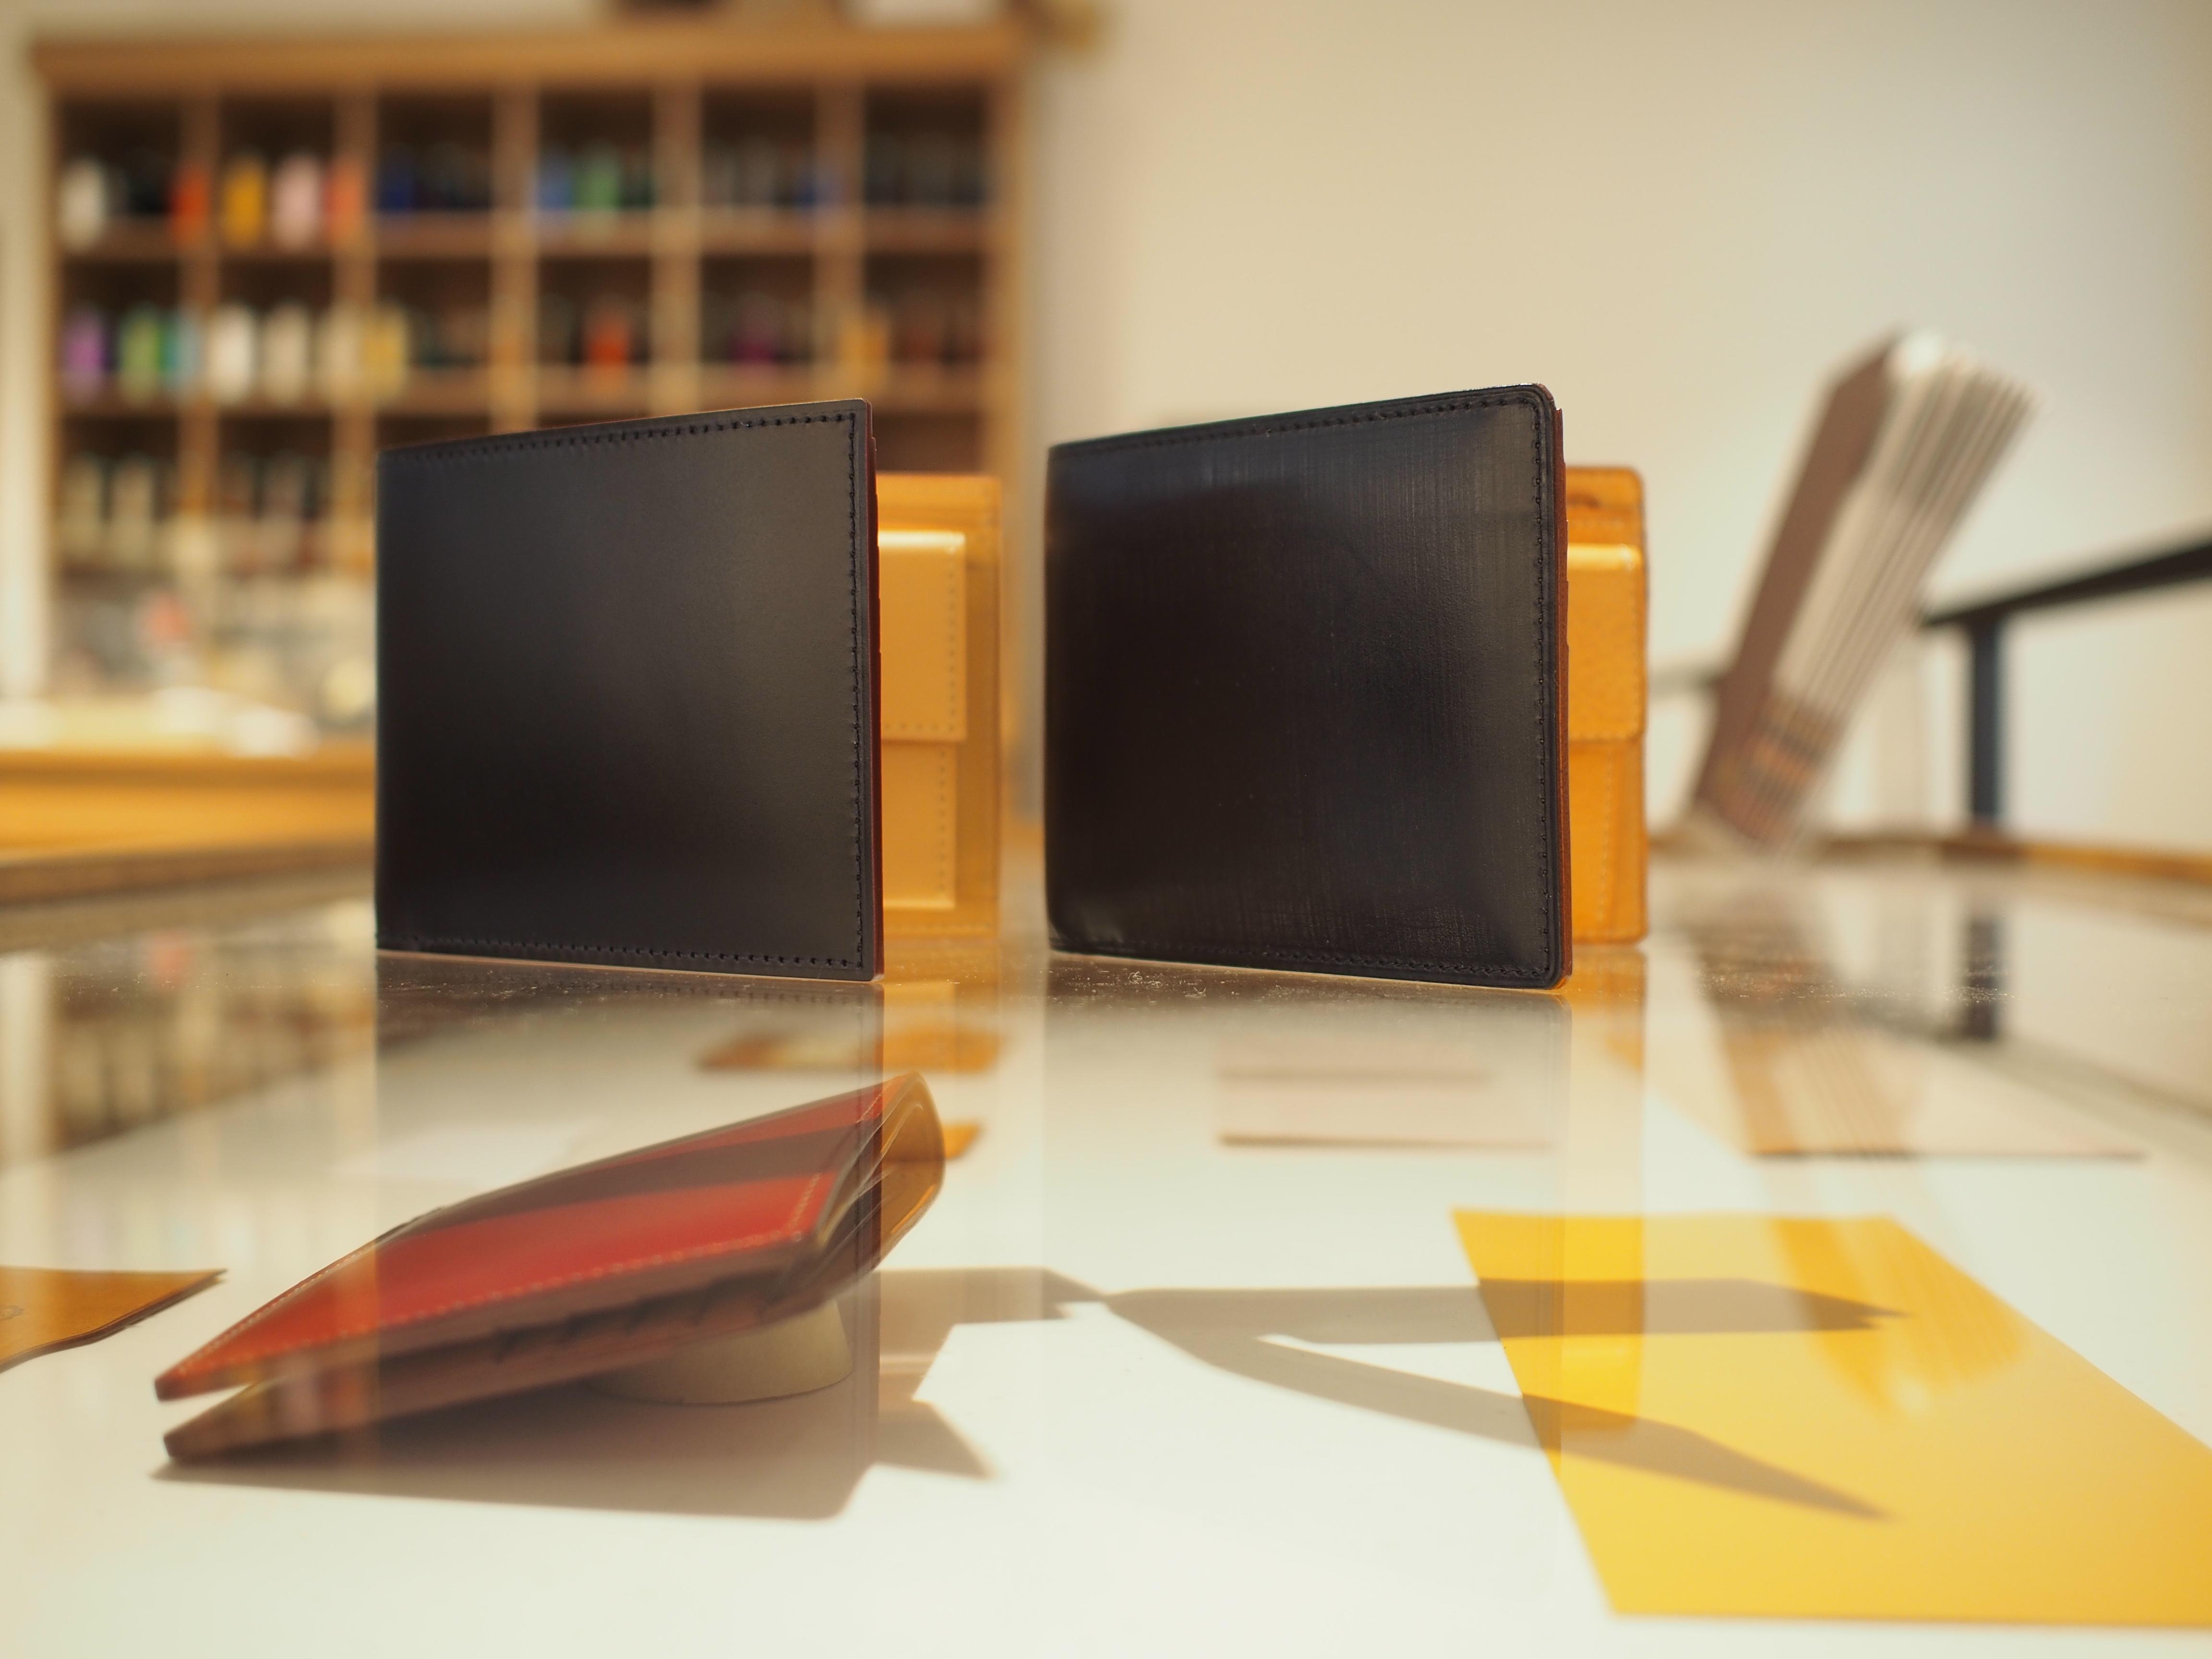 ブライドル&コードバン 人気の二つ折り財布を比較